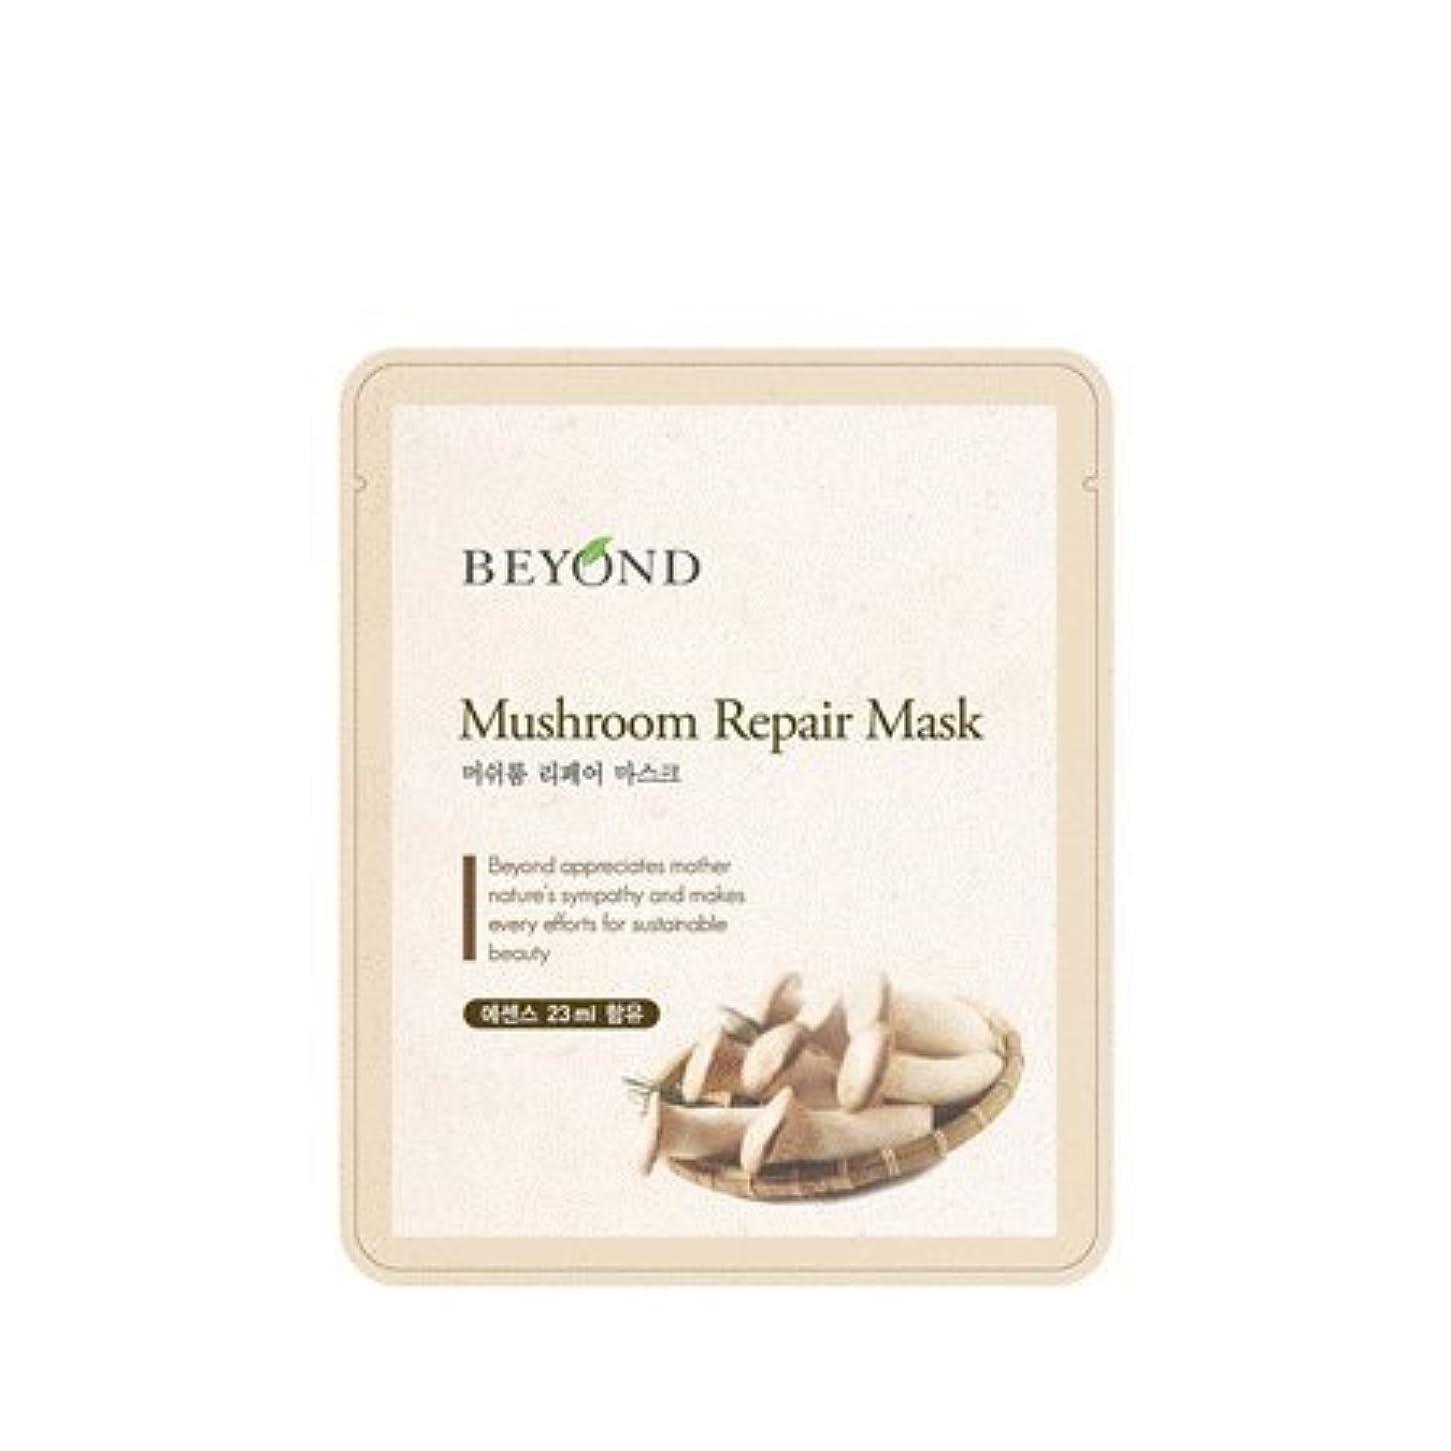 本物のマウスピースクライマックスBeyond mask sheet 5ea (Mushroom Repair Mask)